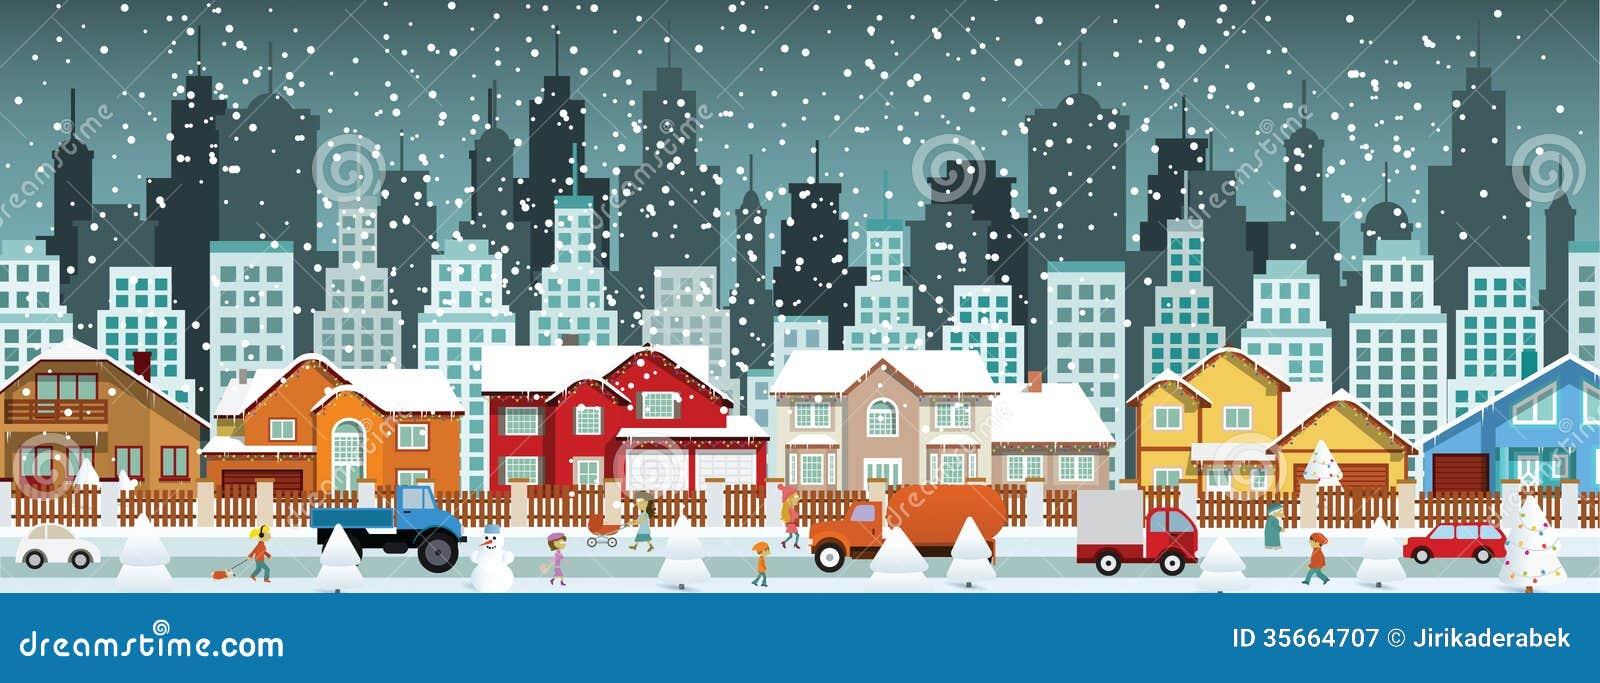 stadt im winter weihnachten lizenzfreie stockfotografie. Black Bedroom Furniture Sets. Home Design Ideas